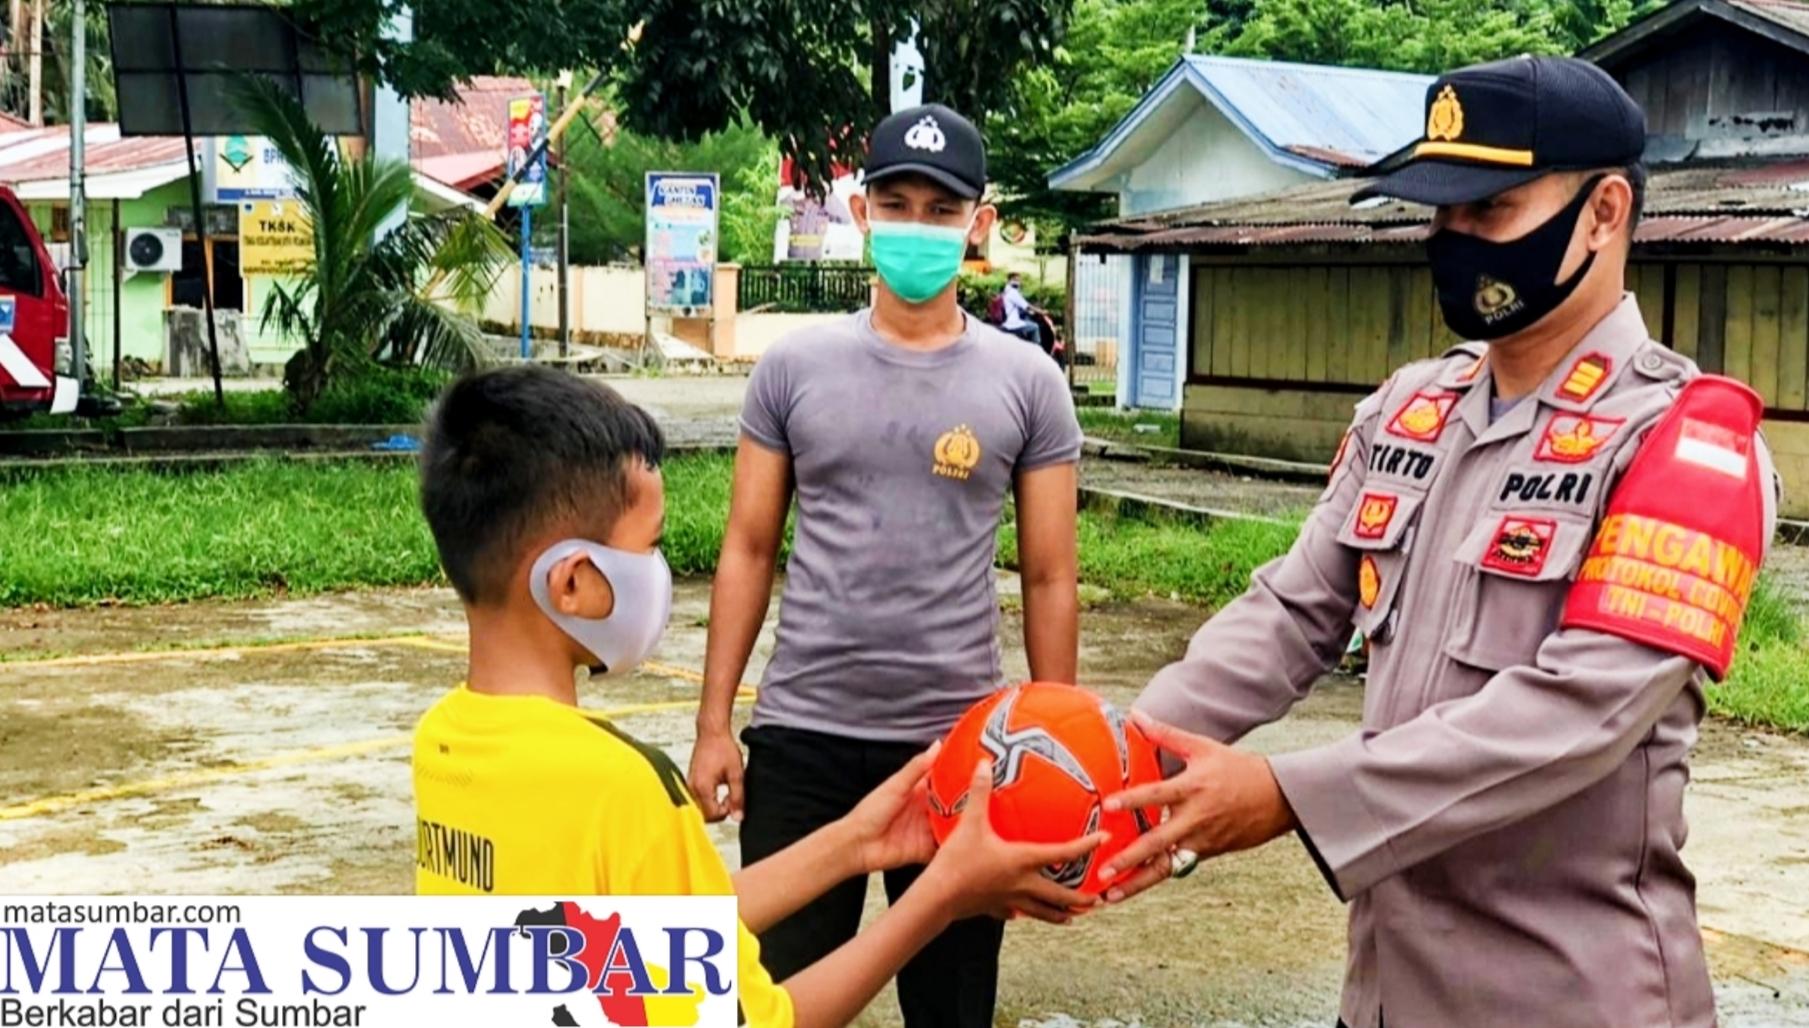 Polsek Sikakap Berikan Bantuan Bola Futsal Serta Edukasi Para Remaja Soal Prokes